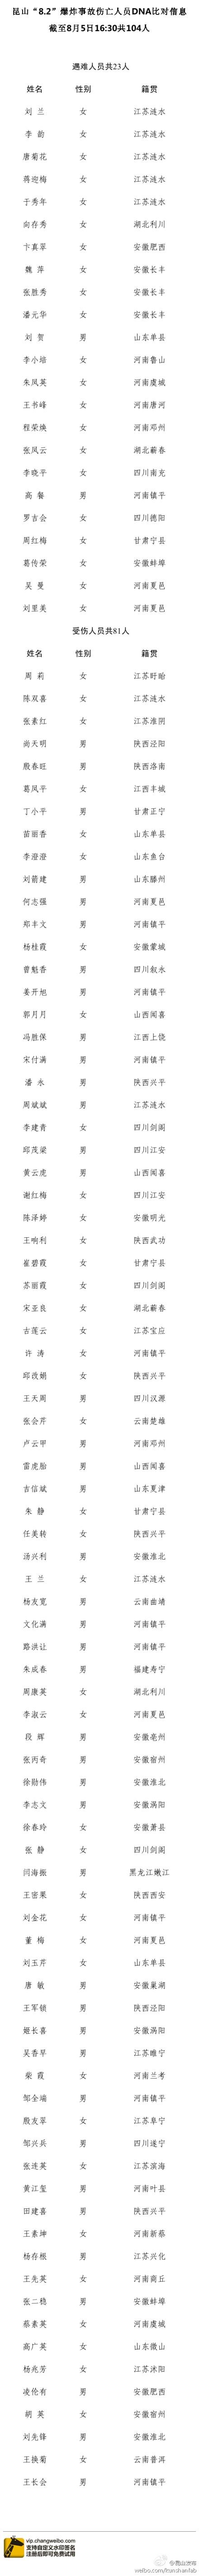 """中新网8月5日电昆山市政府新闻办5日通过微博发布""""8.2""""爆炸事故伤亡人员DNA比对信息。截至8月5日16时30分,已有23名遇难者确认身份。"""